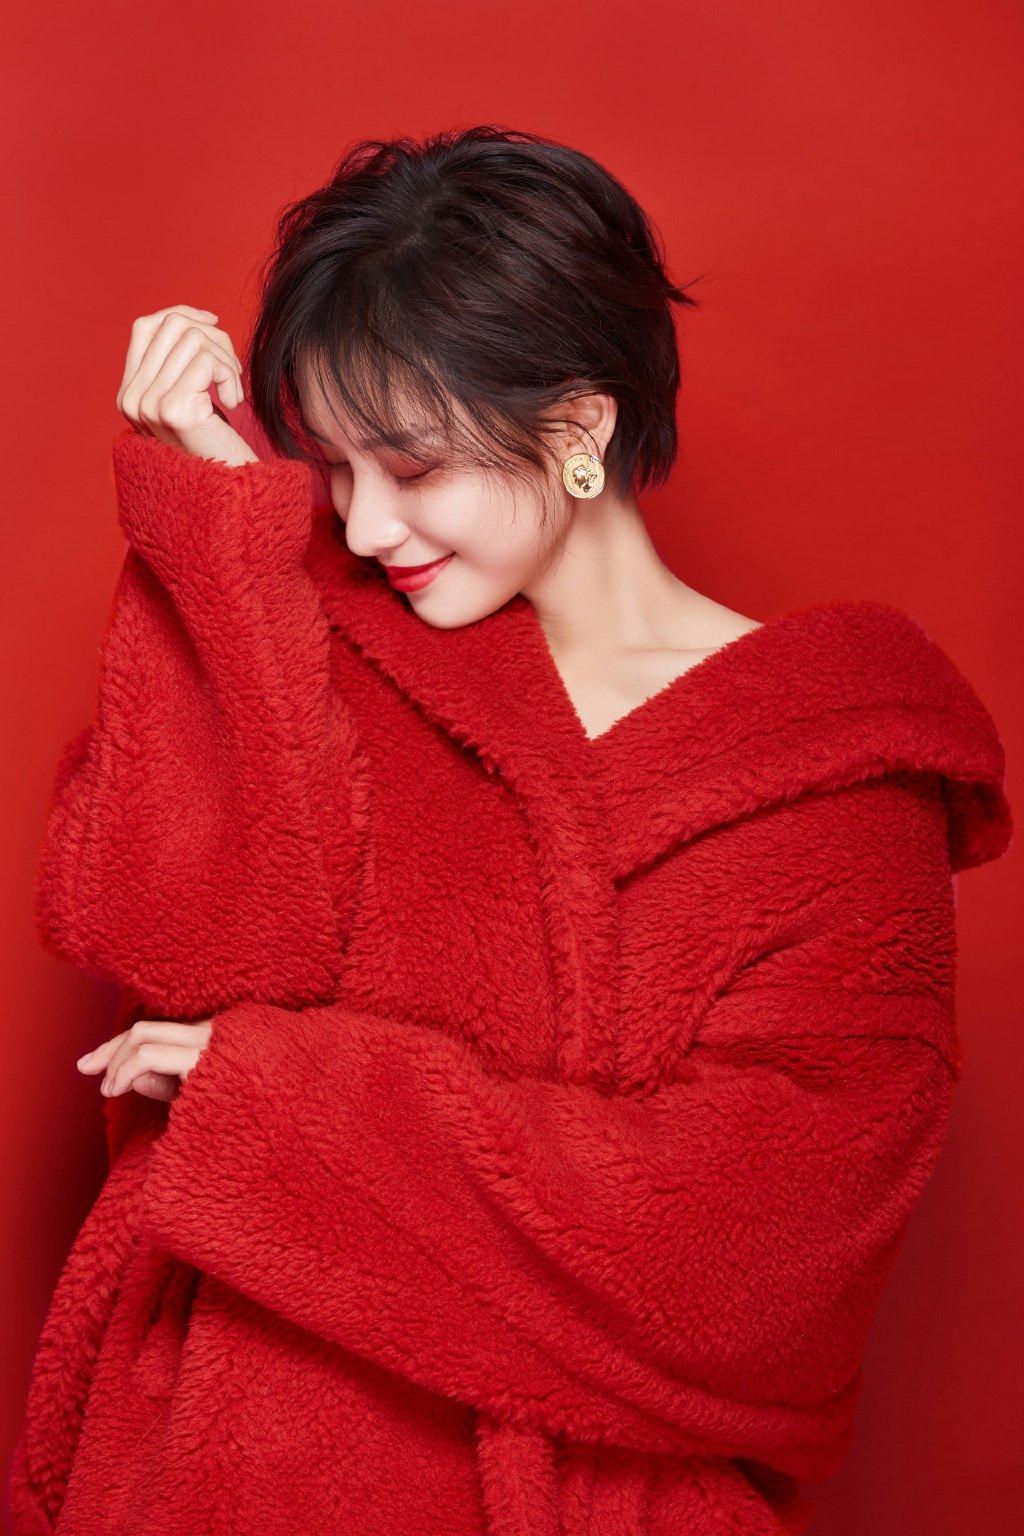 冯若绮红色性感靓丽写真图片